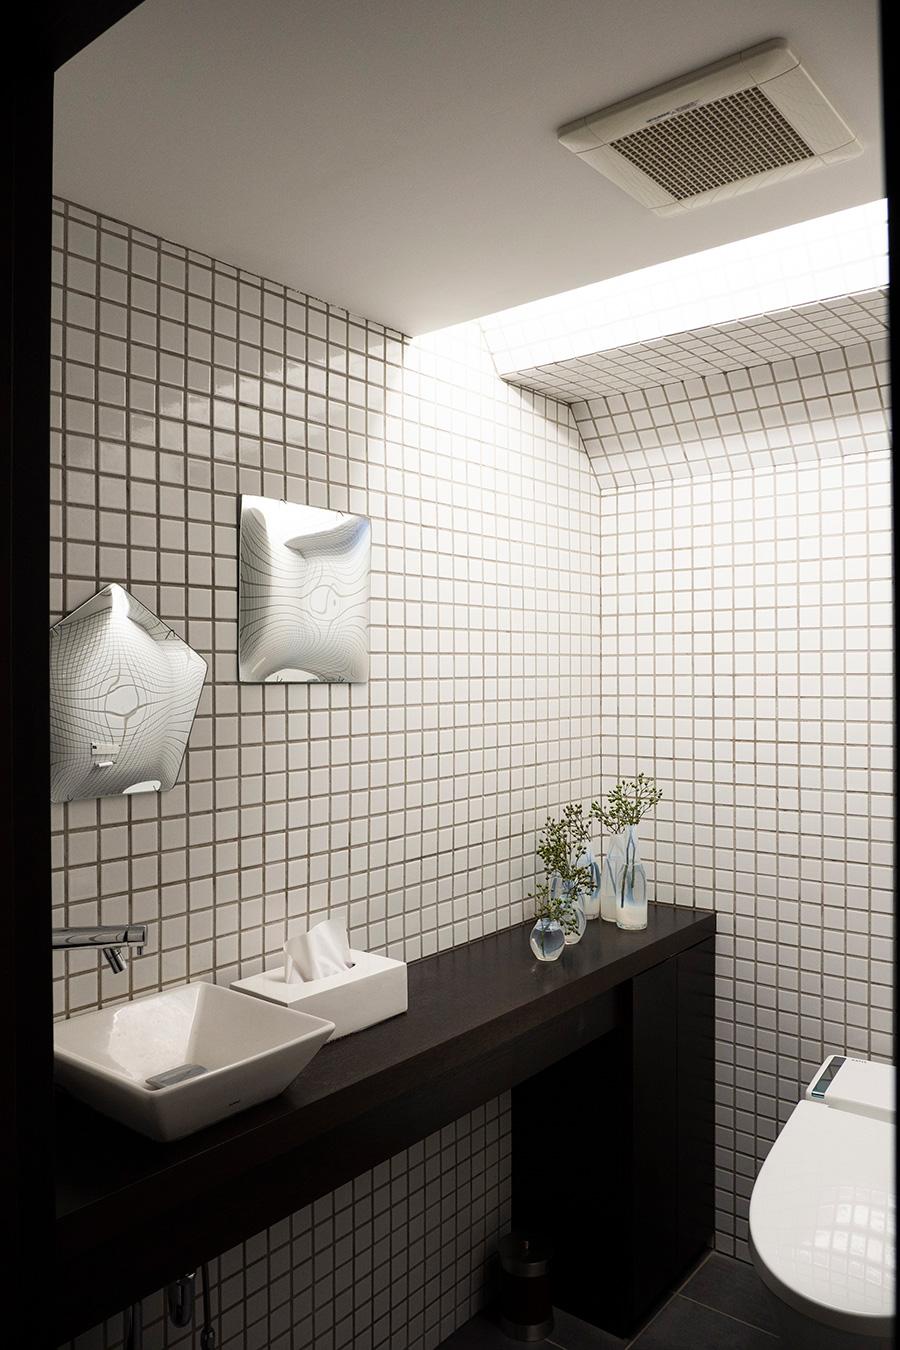 タイル張りのトイレも広々と設定。壁の鏡はTsé&Tsé associéesの「うそつきの鏡ペンタゴン」。変顔しか映らない、遊び心とアート感のあるこのミラーがお気に入り。